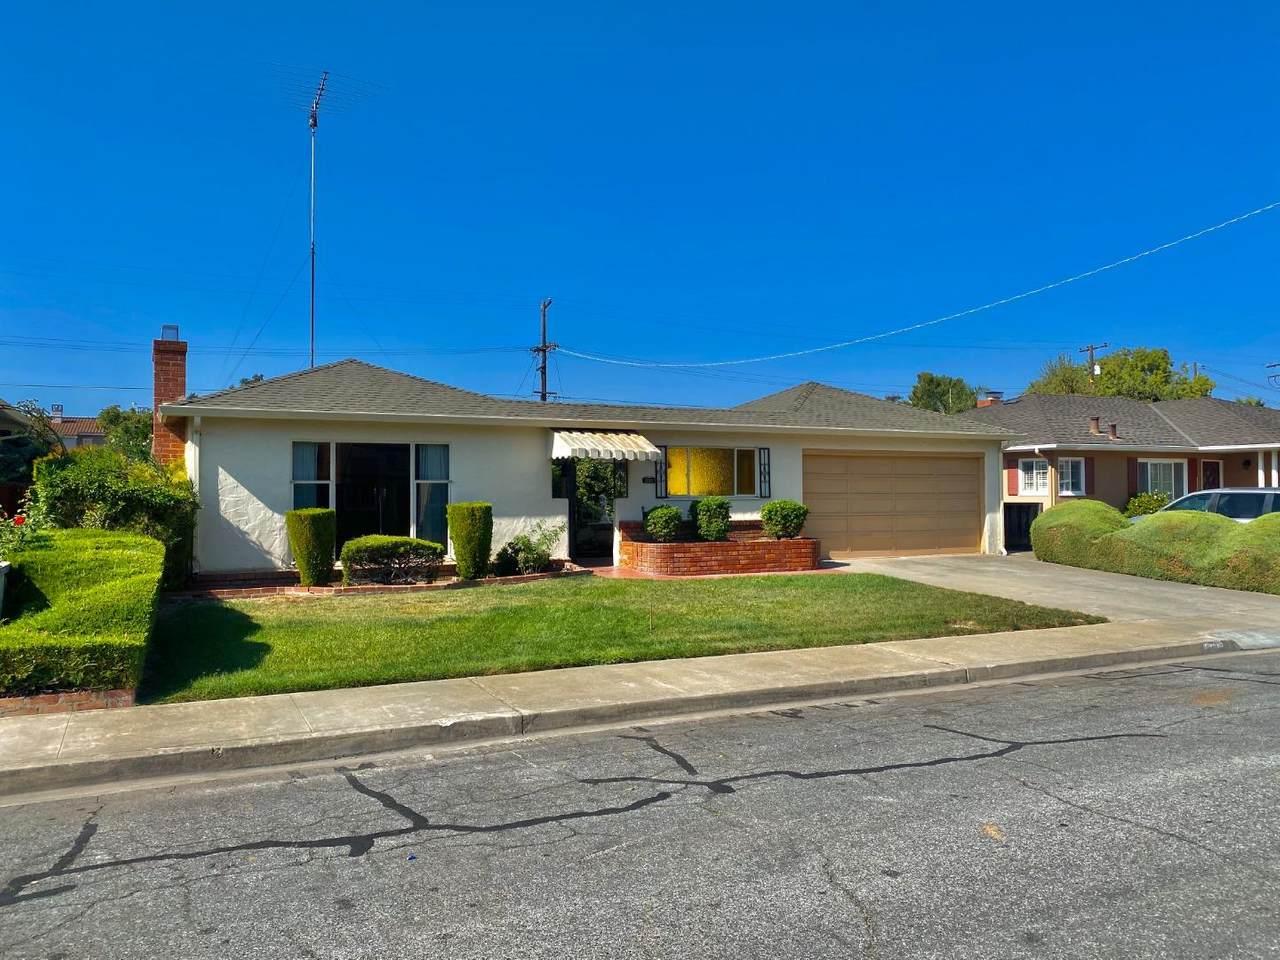 992 Fairfield Ave - Photo 1